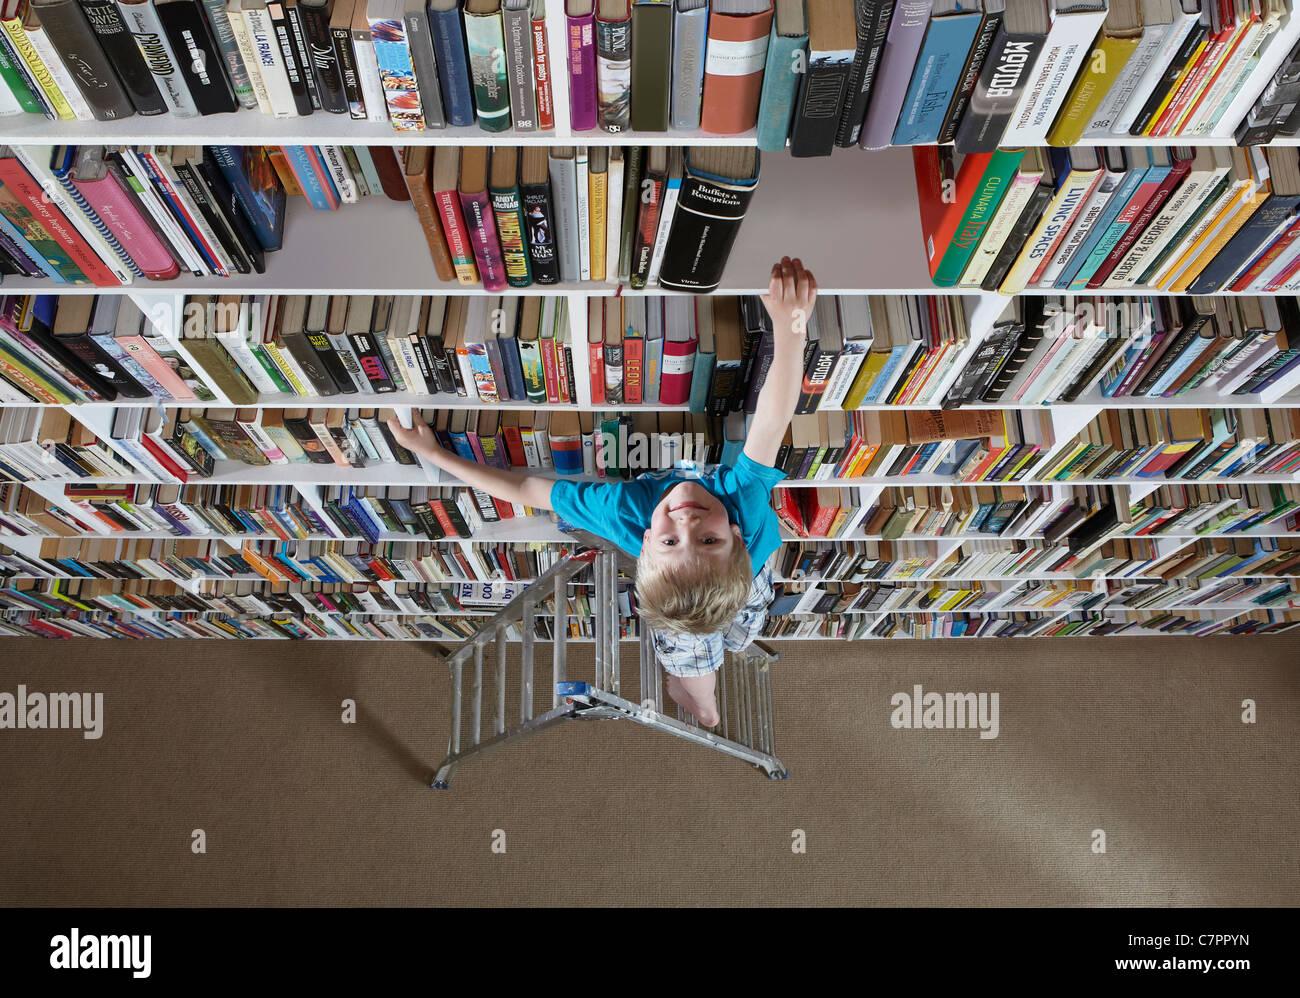 Boy using stepladder on bookshelves Stock Photo